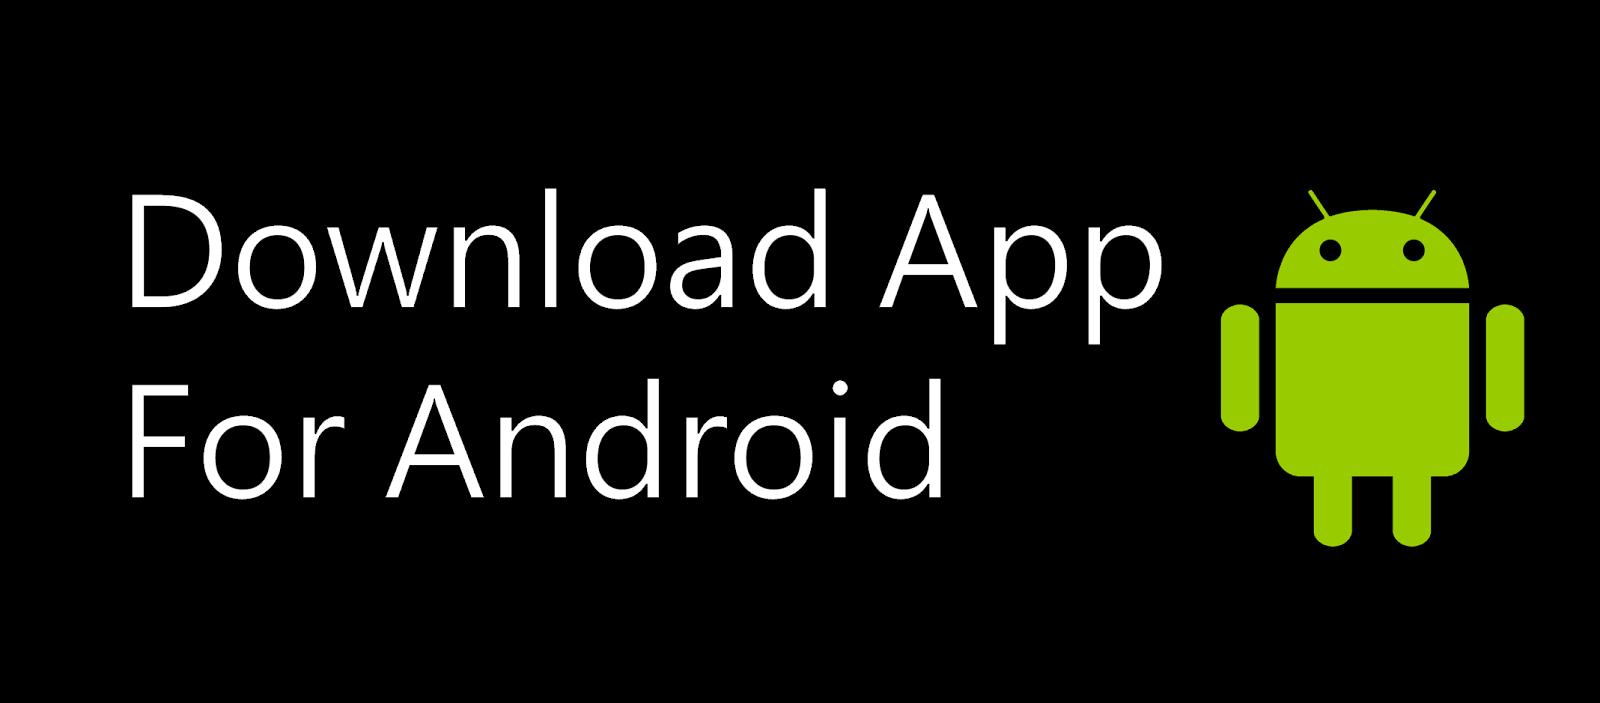 App For Smartphones